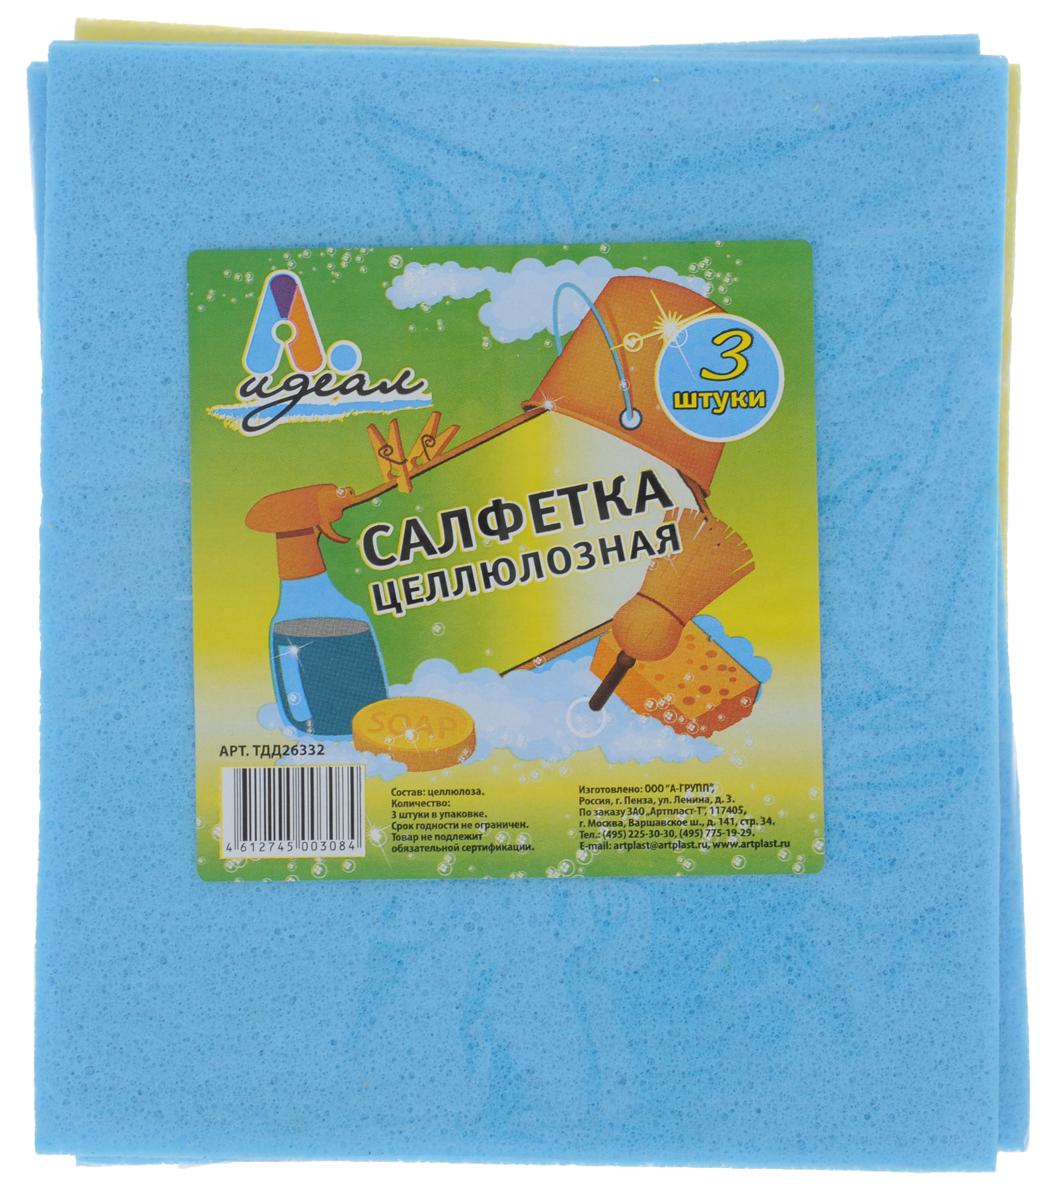 Салфетка губчатая Идеал, цвет: синий, желтый, 15 х 18 см, 3 штТДД26332Салфетка губчатая Идеал изготовлена из целлюлозы. Салфетка хорошо впитывает влагу, не оставляет разводов и ворсинок. Можно использовать для сухой или влажной уборки любых поверхностей с моющими средствами или без них.